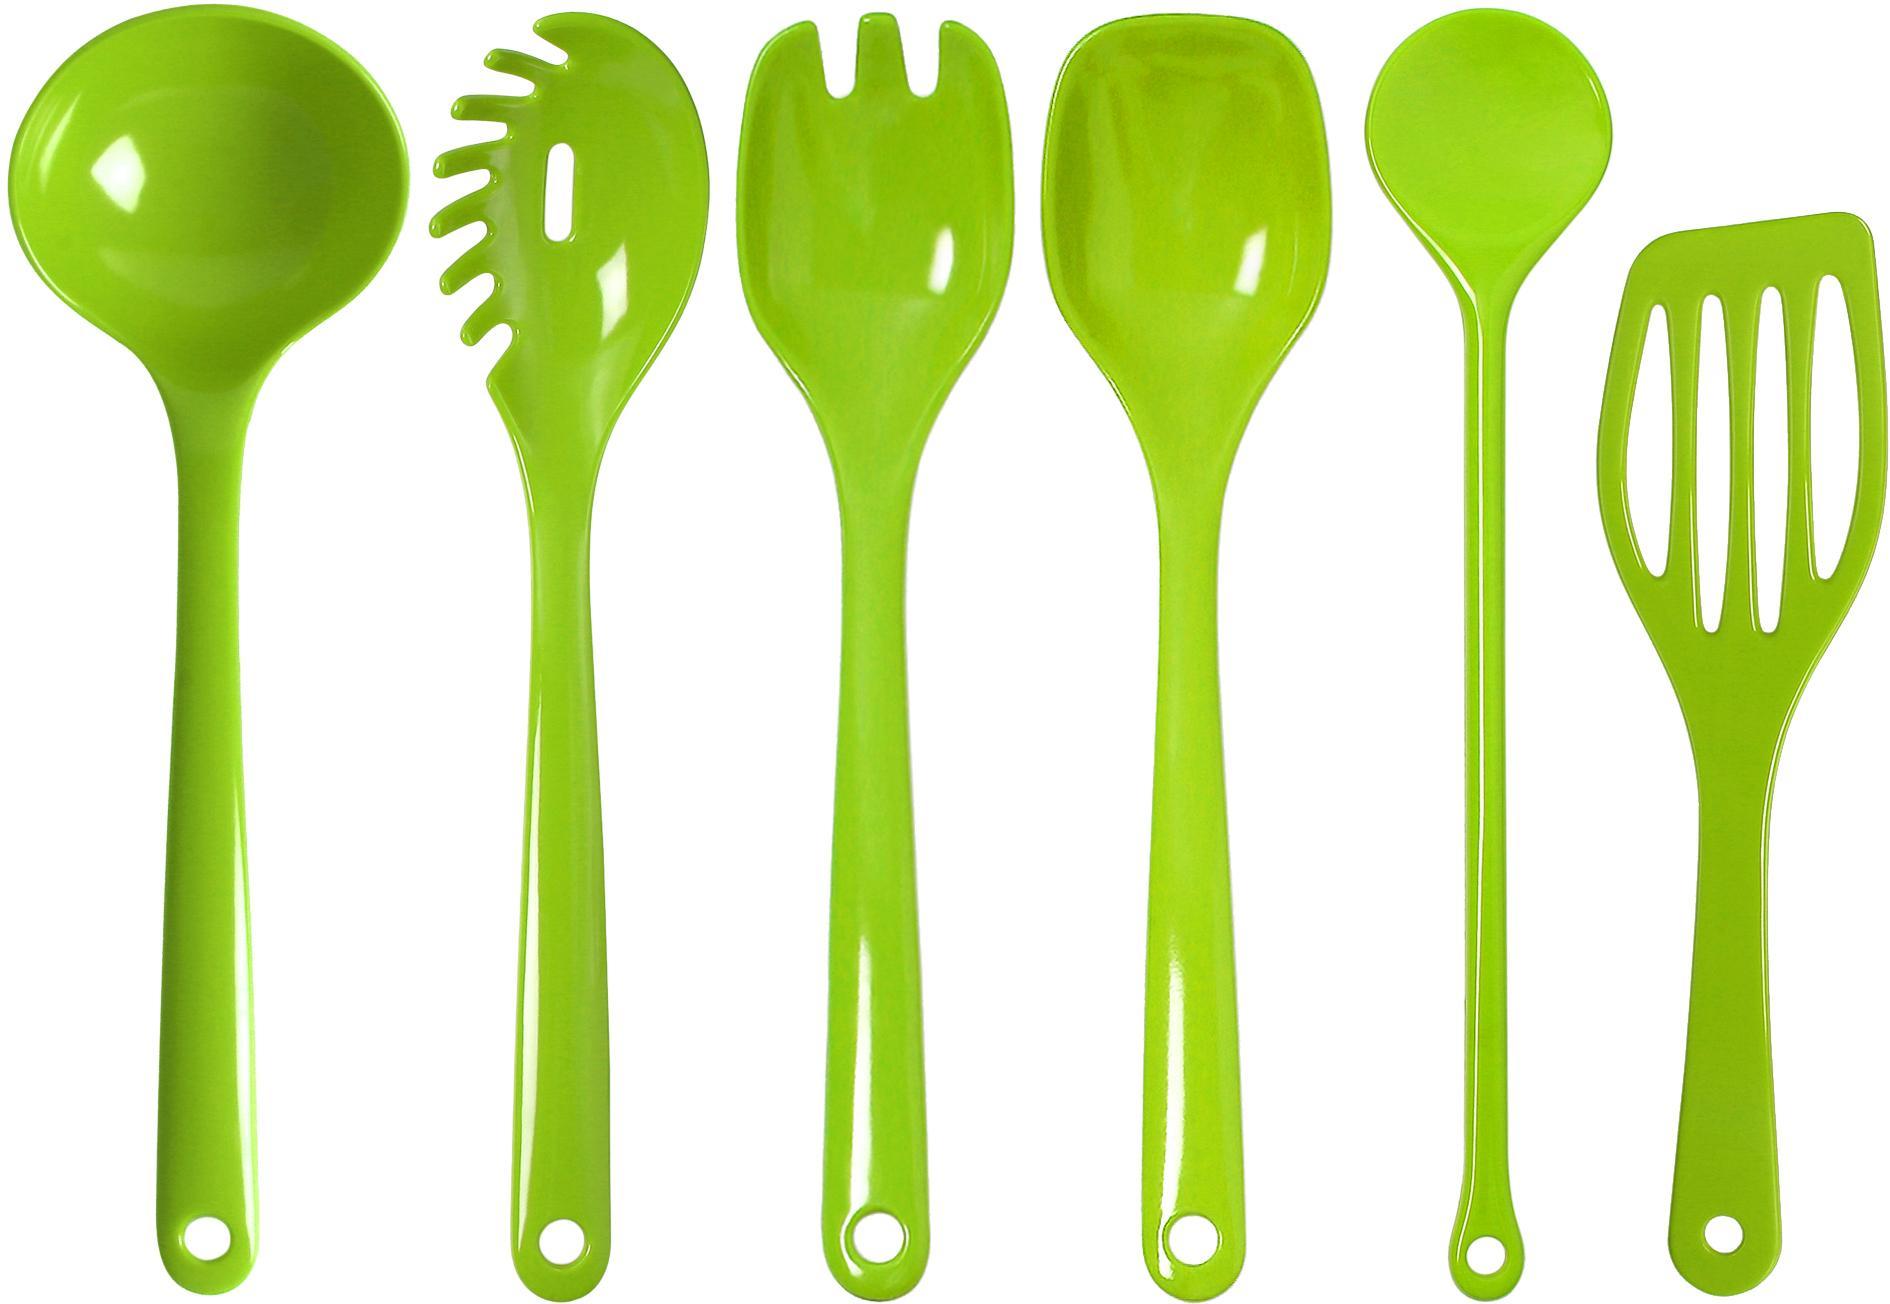 WACA Kochbesteck-Set, (Set, 6 tlg.) grün Kochbesteck-Set Kochbesteck Besteck Messer Haushaltswaren